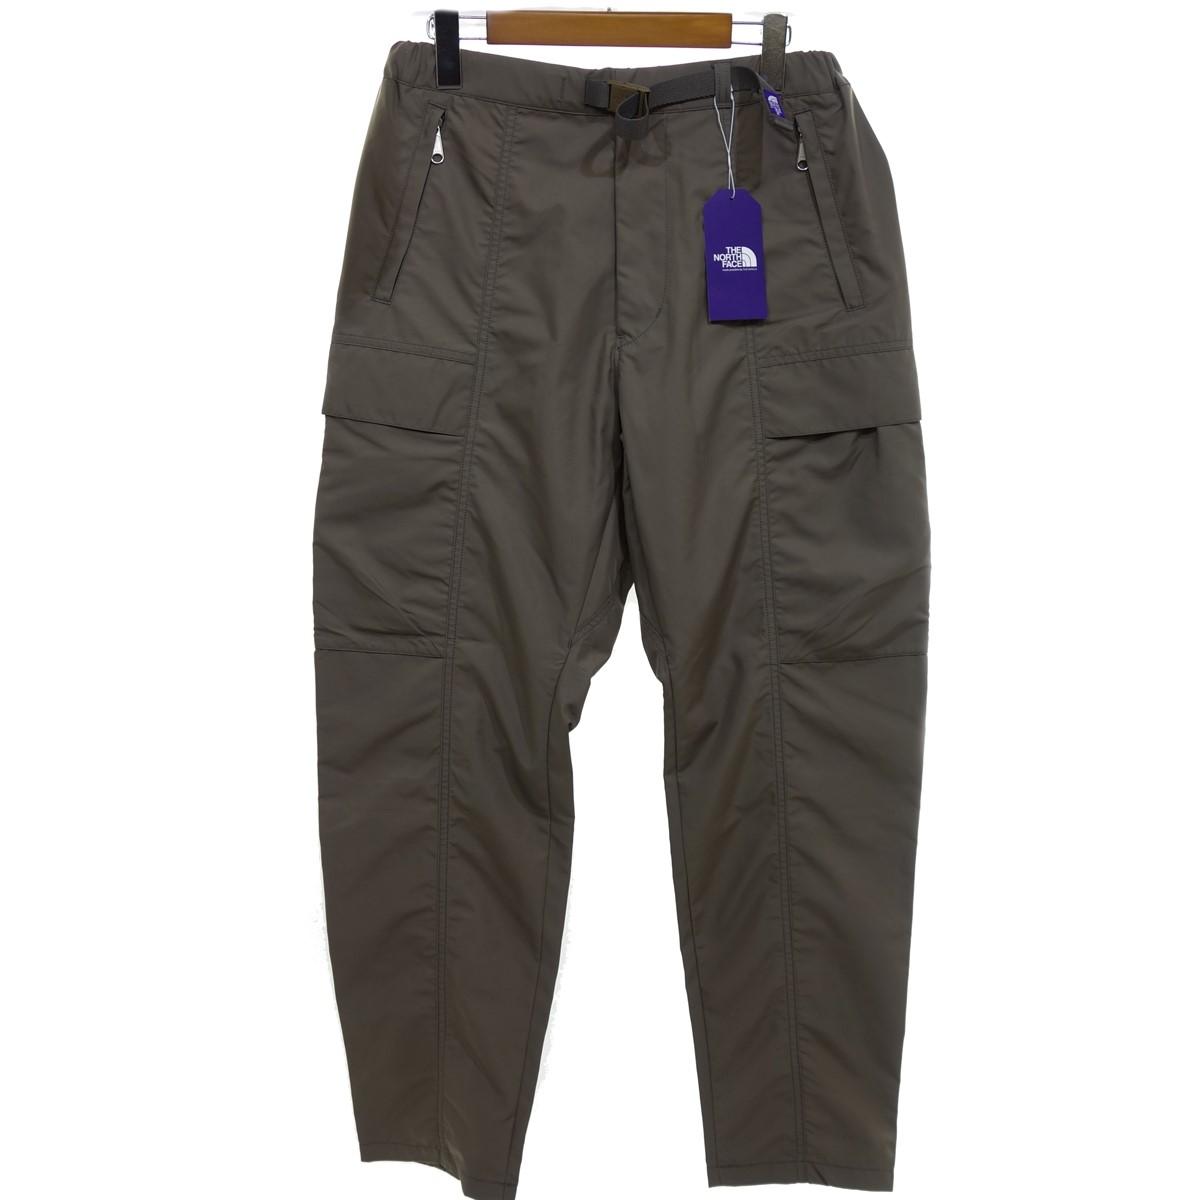 【中古】THE NORTH FACE PURPLE LABEL High Multi Polyester Twill Field Pants パンツ カーキ サイズ:30 【080320】(ザノースフェイス パープルレーベル)